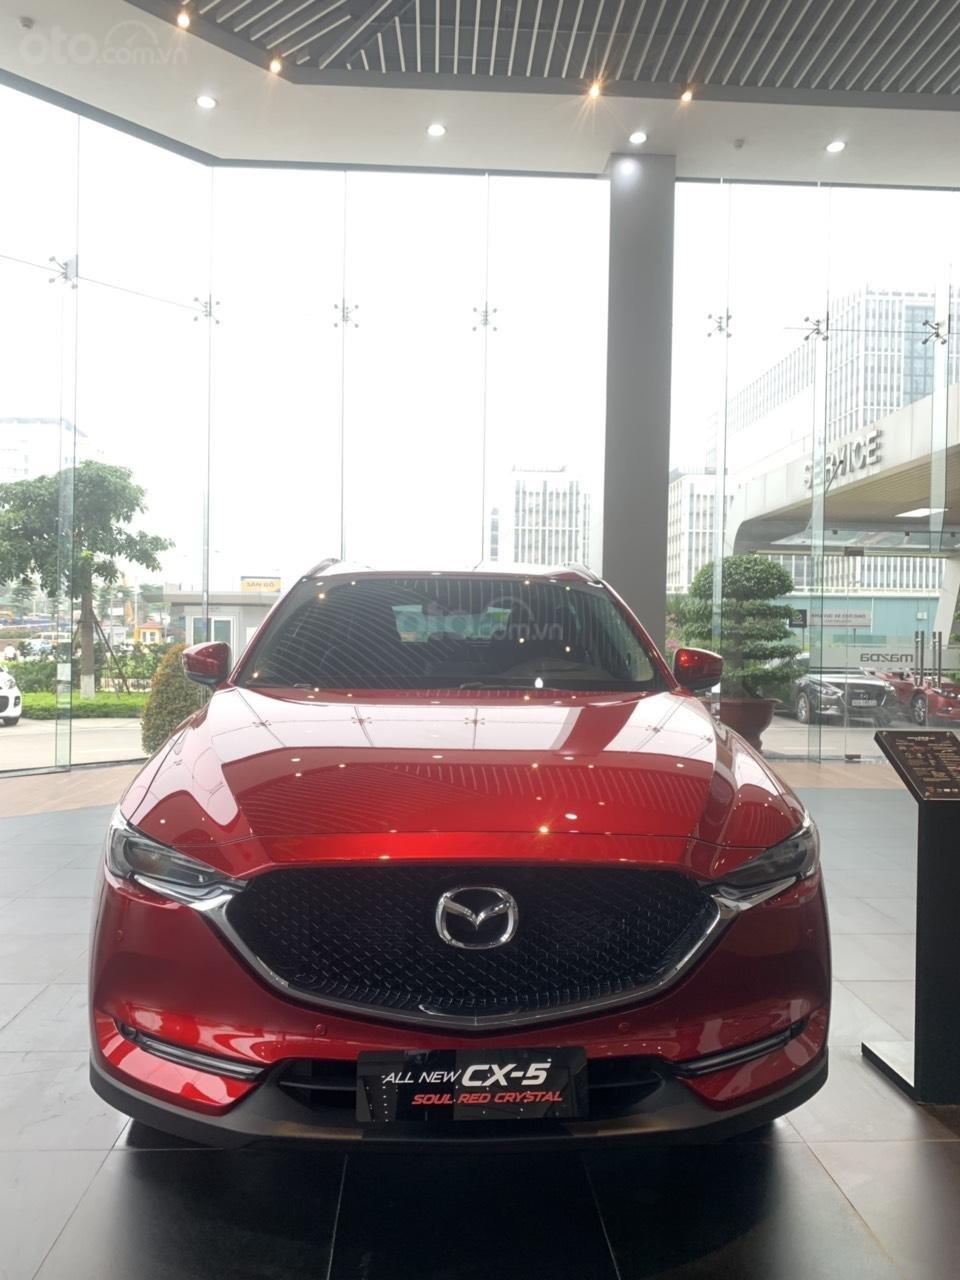 Mazda CX5 2.0 2019 ưu đãi T10 100tr, TG 90%, hỗ trợ giao xe, ĐKĐK, giải quyết nợ xấu, LH 0981 485 819 (6)